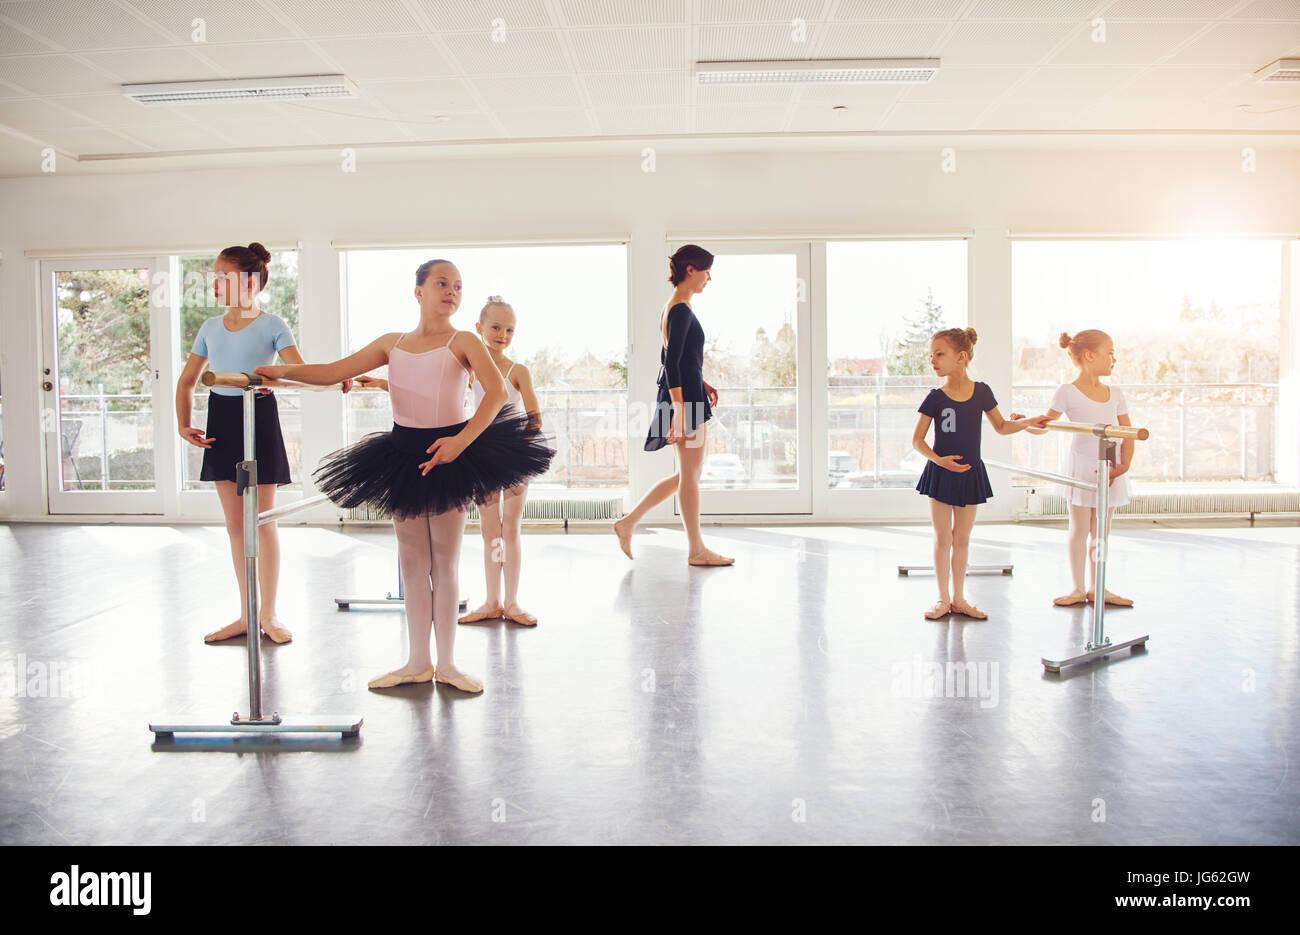 Junge Mädchen, Ballett und Ausübung im Ballett Klasse. Stockbild